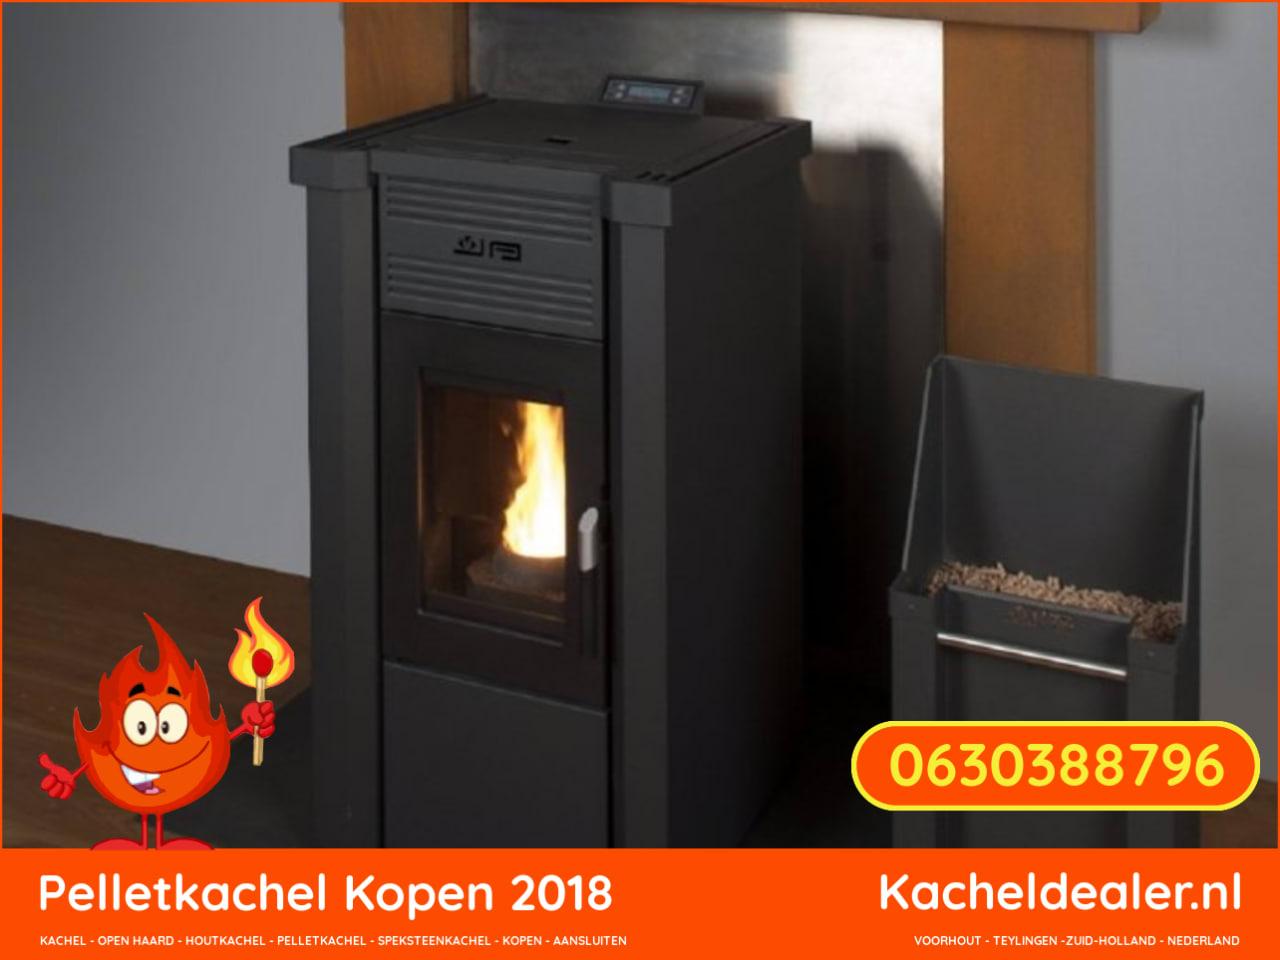 Uitzonderlijk Kachel Houtkachel Kopen 2019 (met aansluiten) Kacheldealer ZH IB61